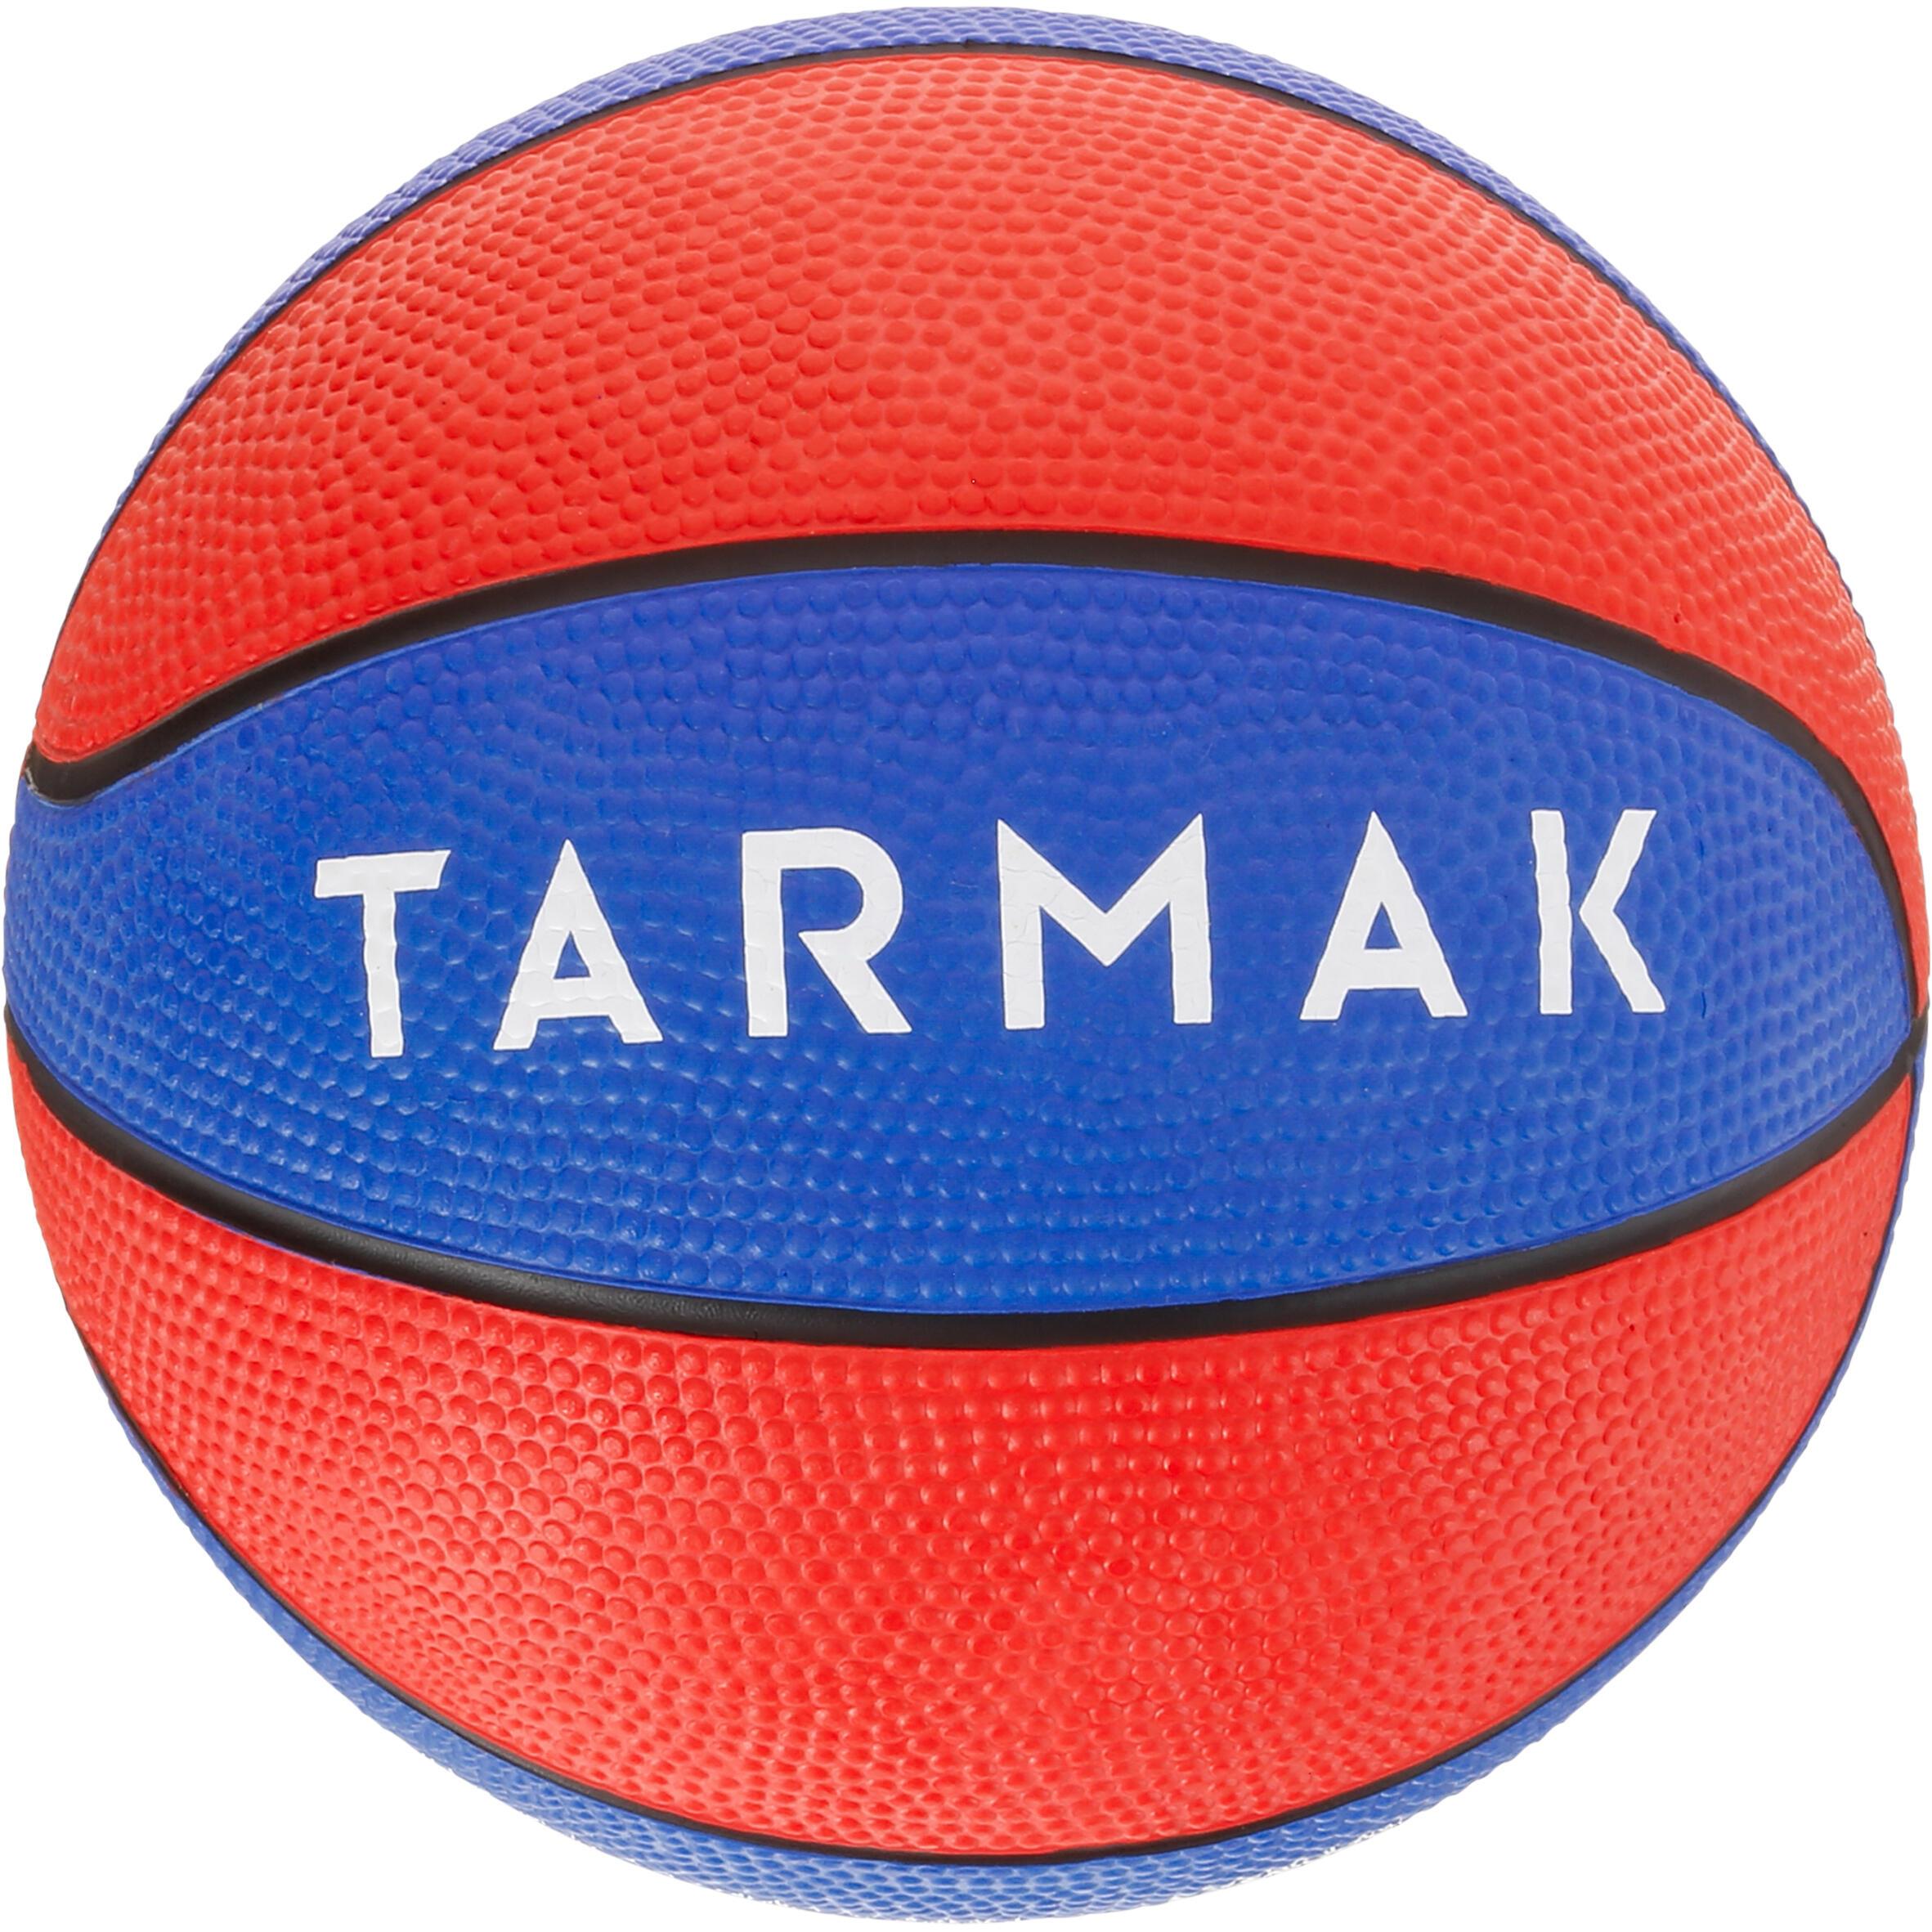 Mini B Kids' Size 1 Basketball. Up to age 4.